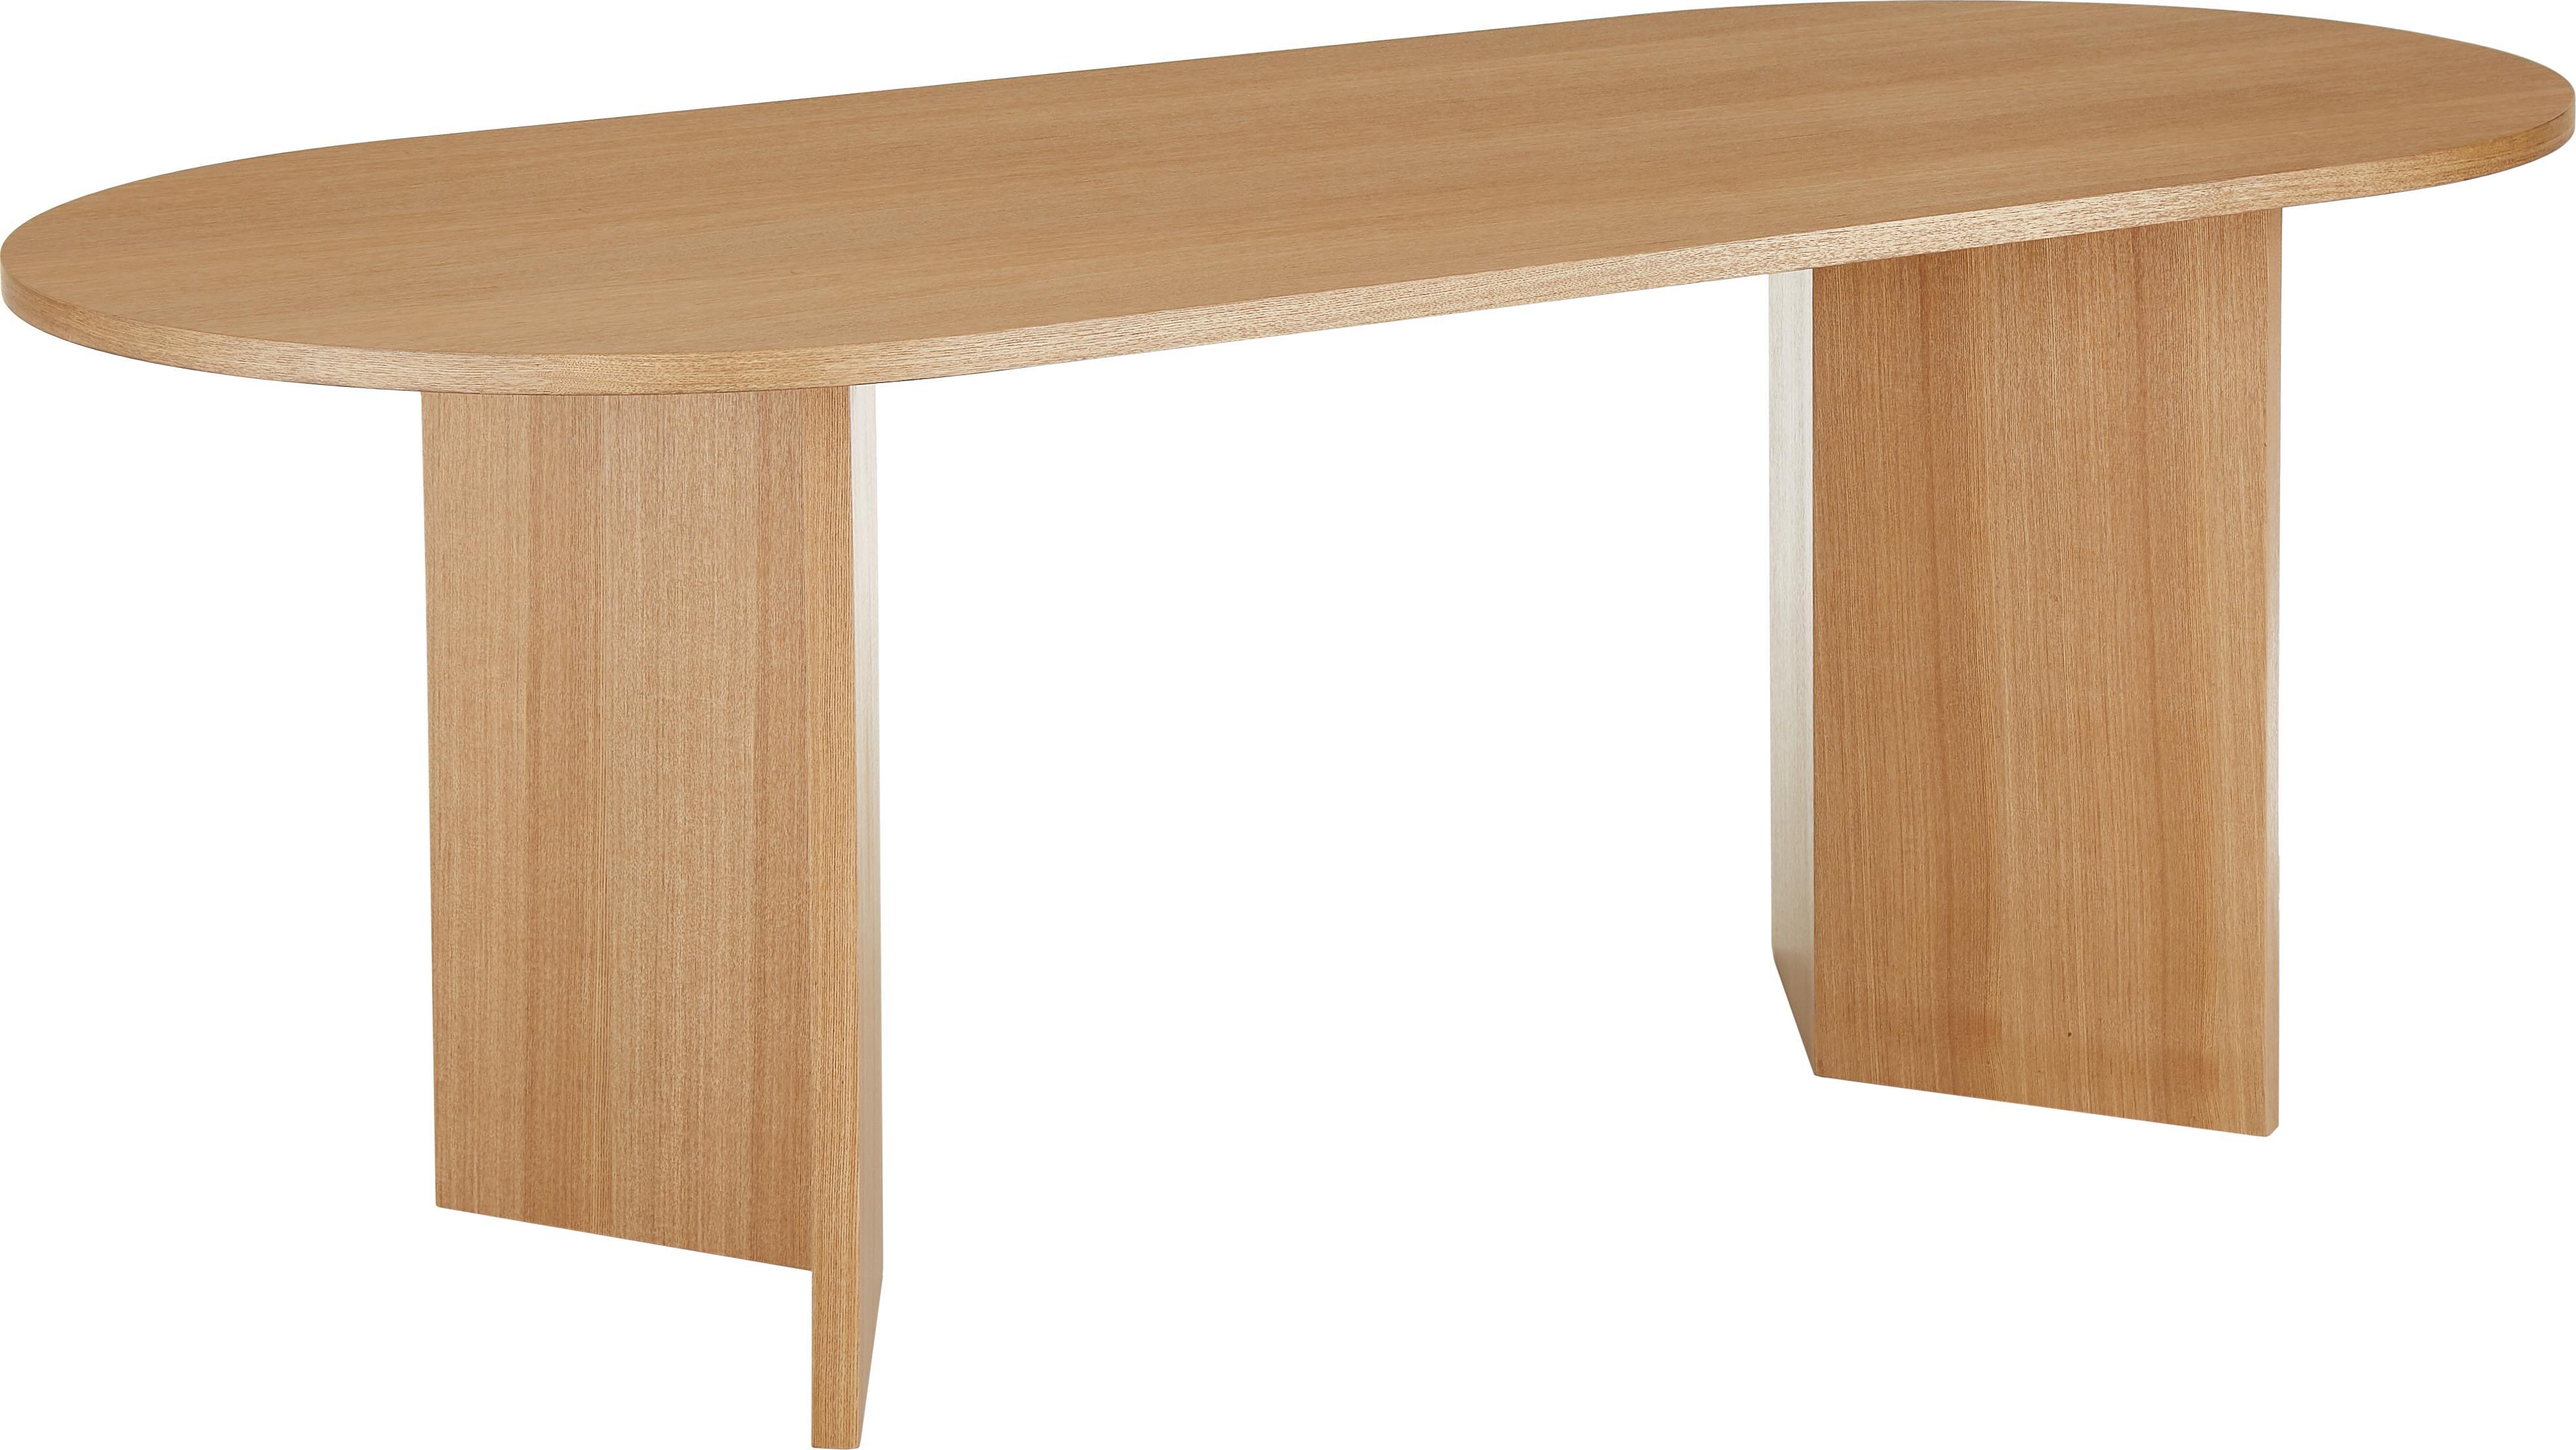 Tavolo ovale in legno Toni, Pannello di fibra a media densità (MDF) con finitura in frassino, verniciato, Finitura in frassino, Larg. 200 x Prof. 90 cm